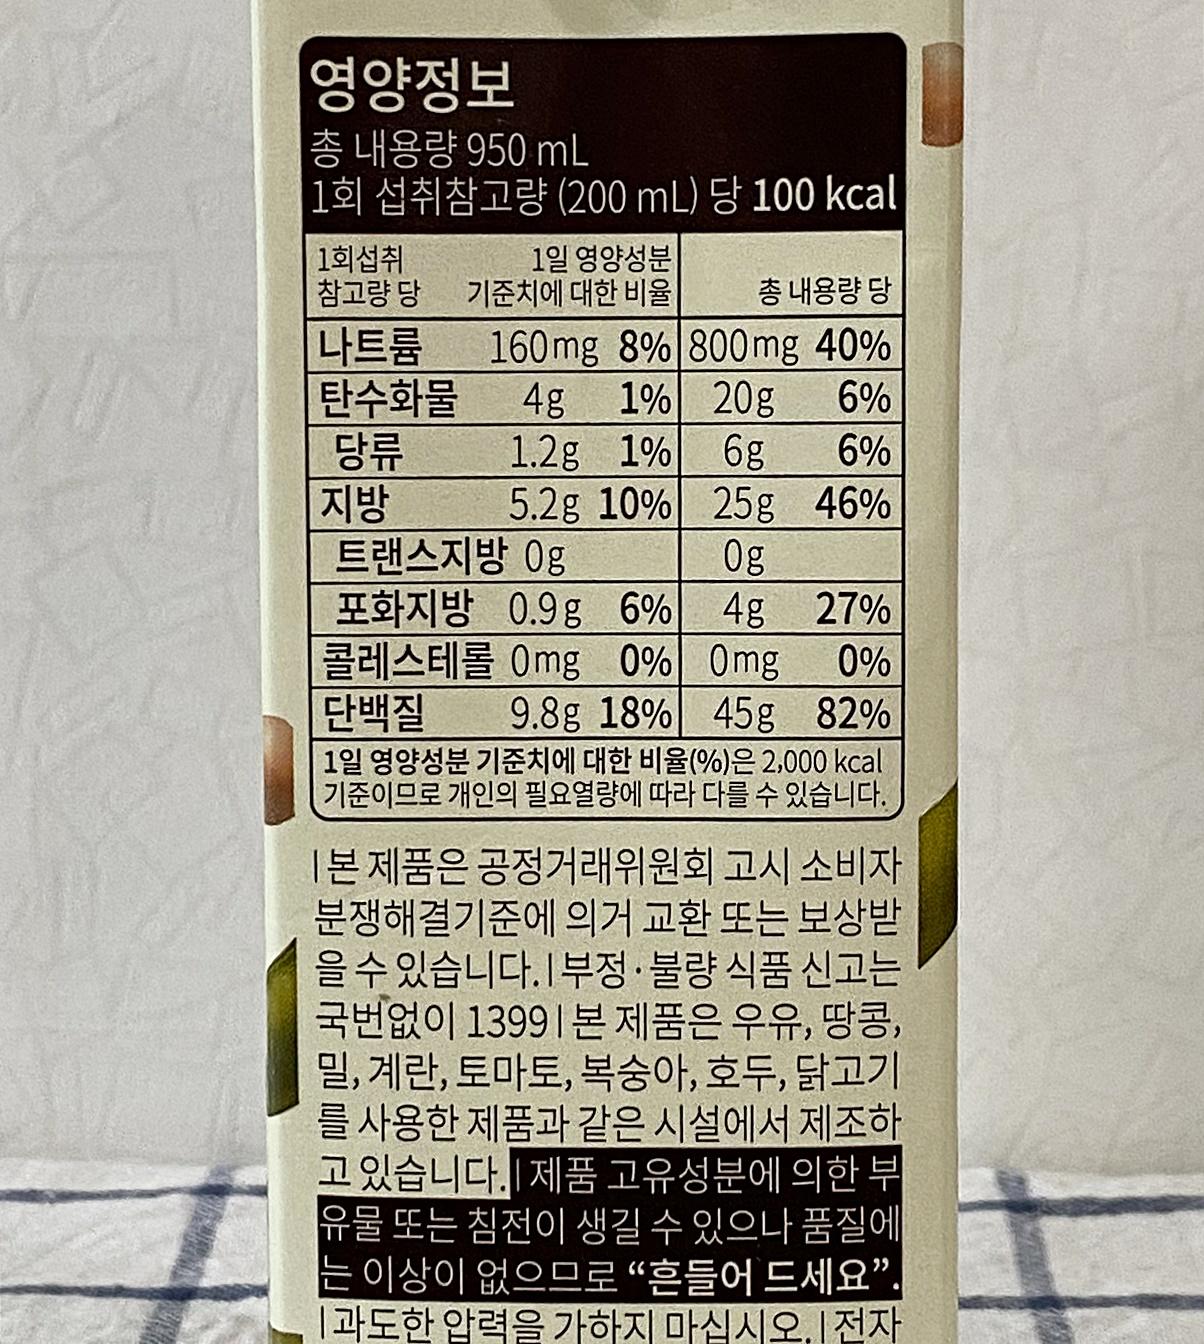 매일 두유 99.89 950ml 영양정보